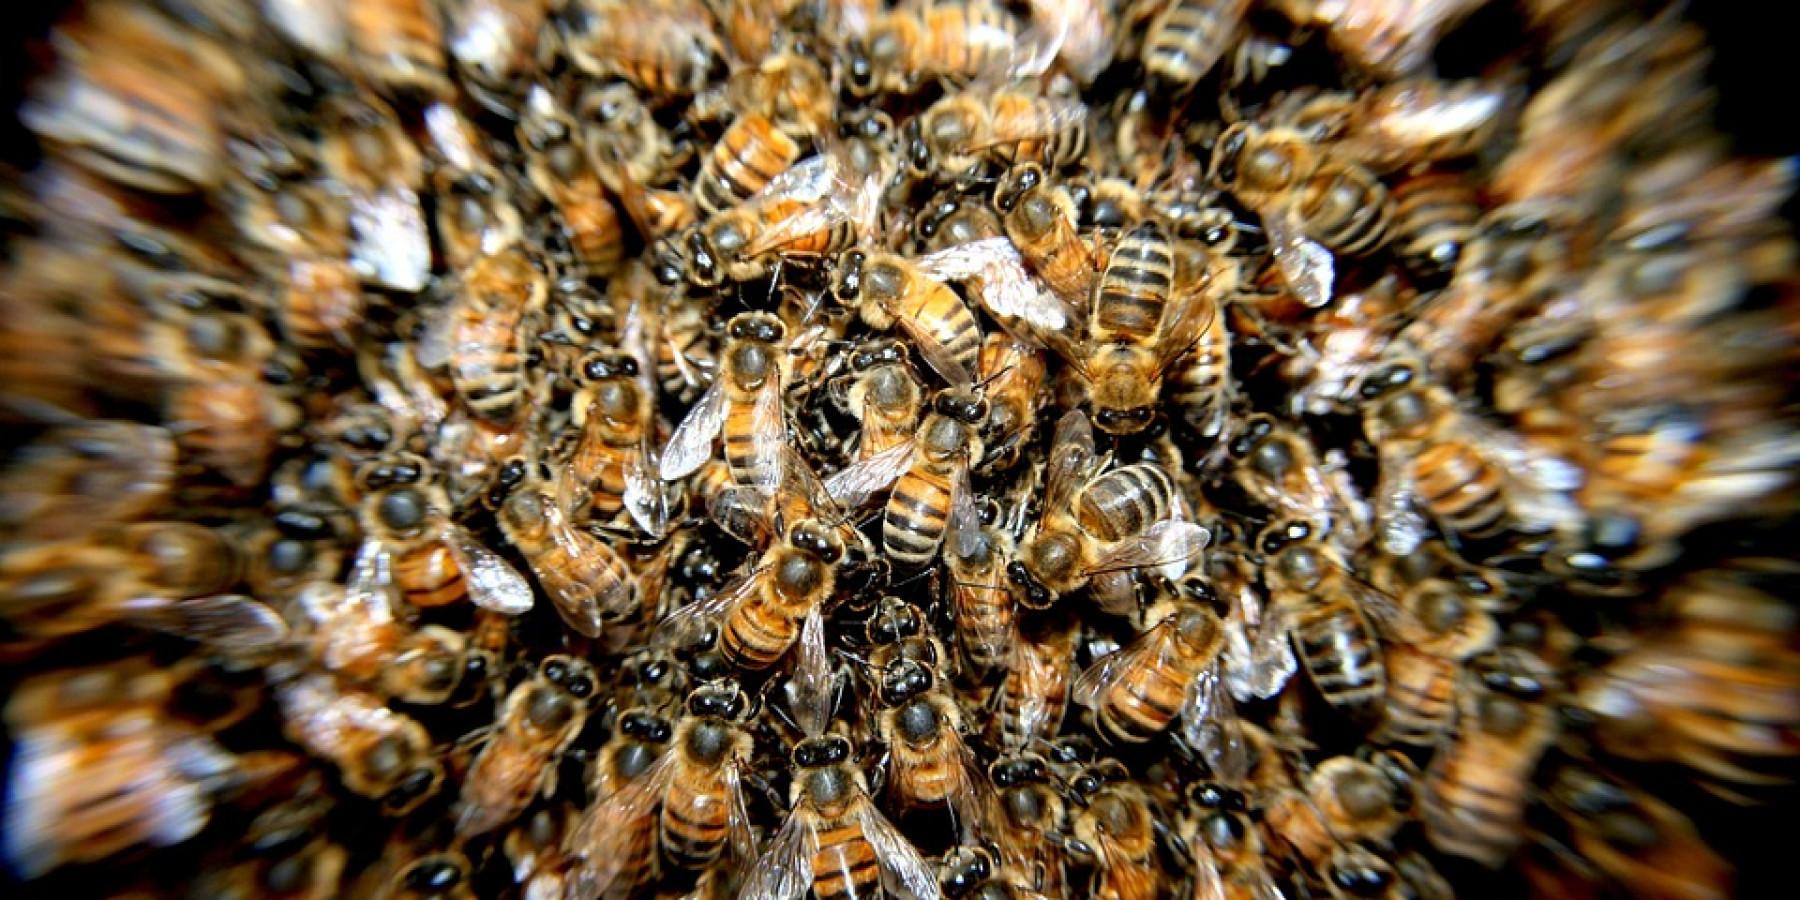 Behandlungspflicht für alle Bienenvölker